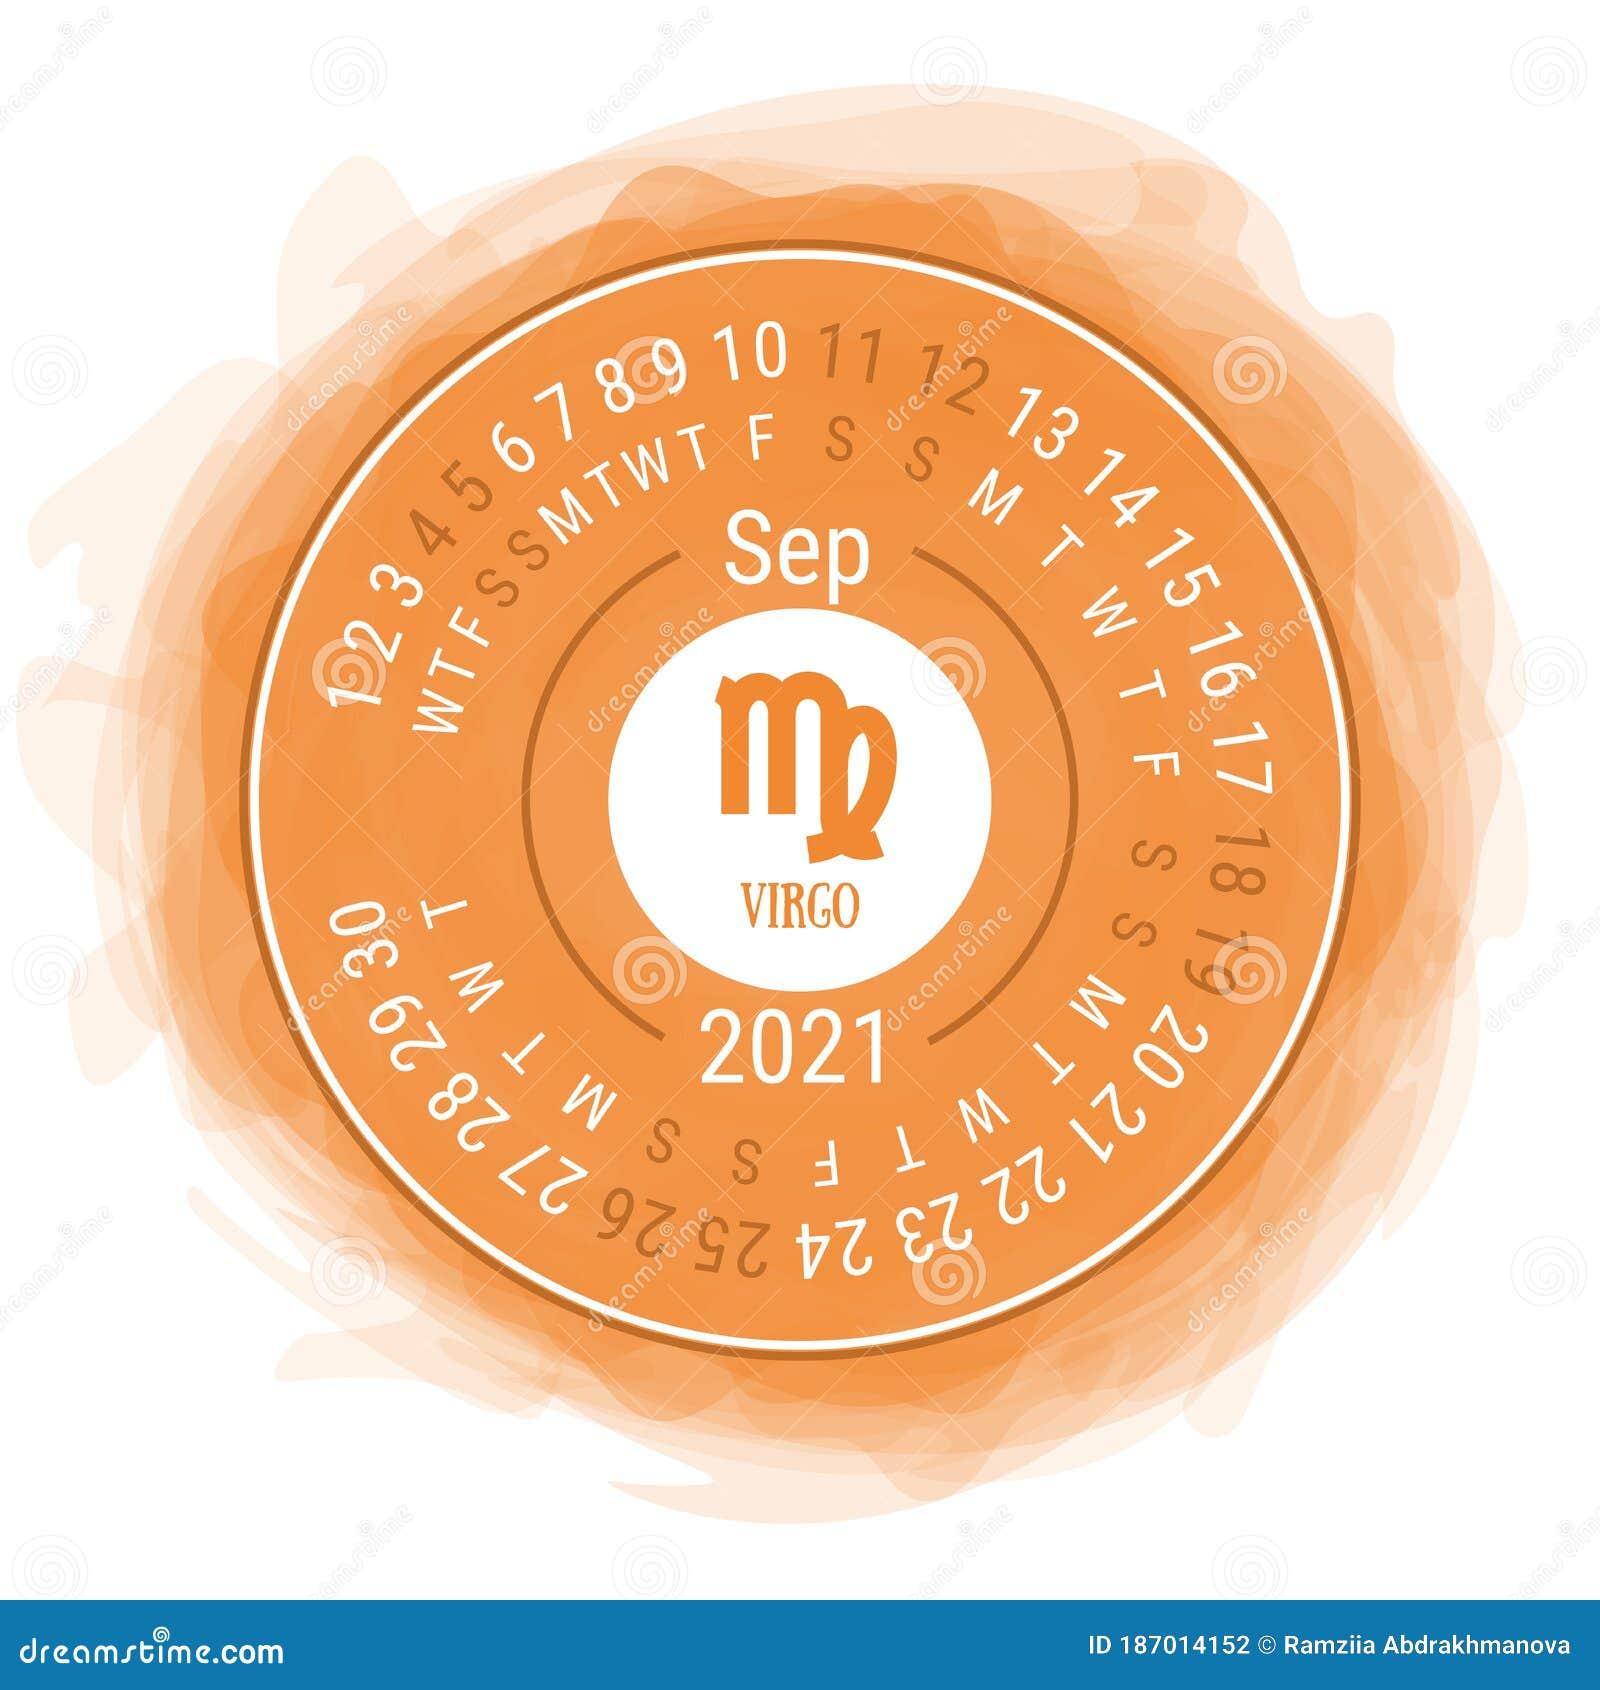 Virgo September 2021 Horoscope